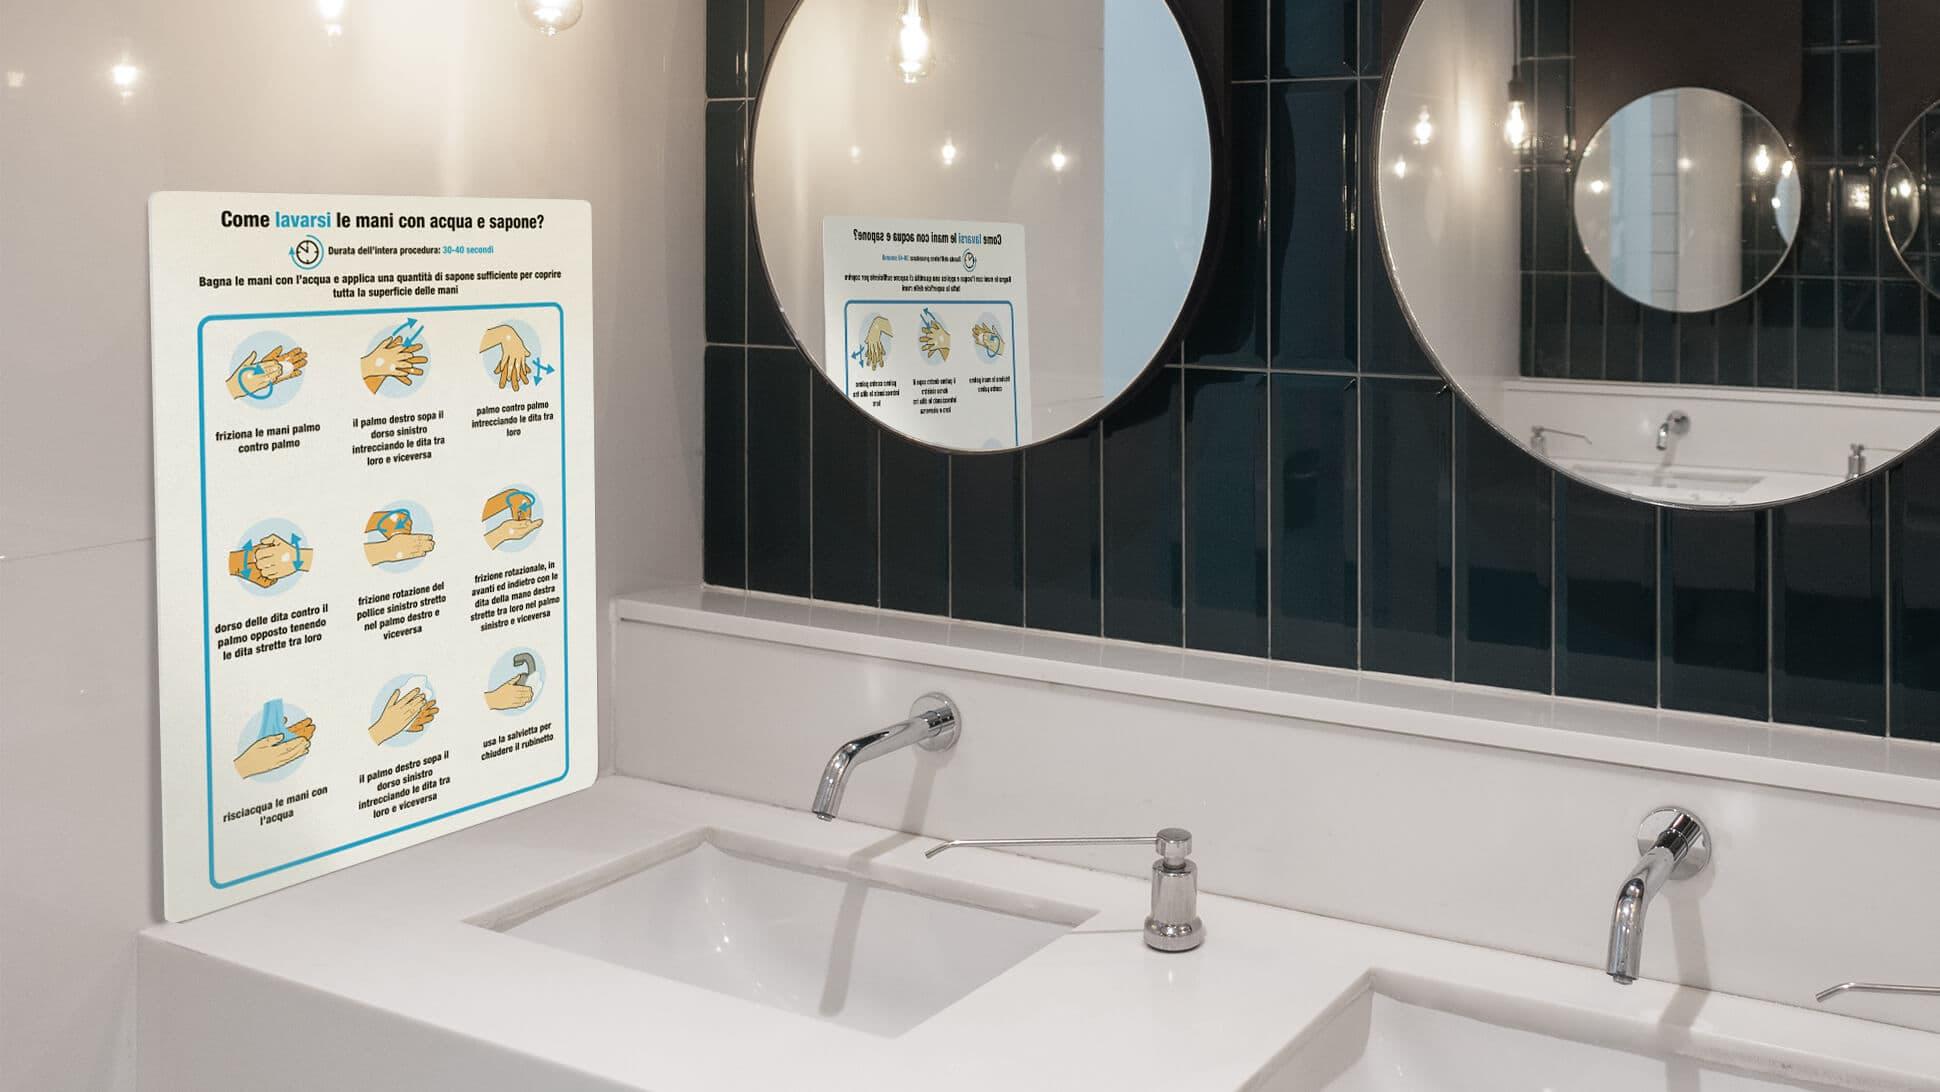 Cartelli illustrativi corretto lavaggio di mani | tictac.it